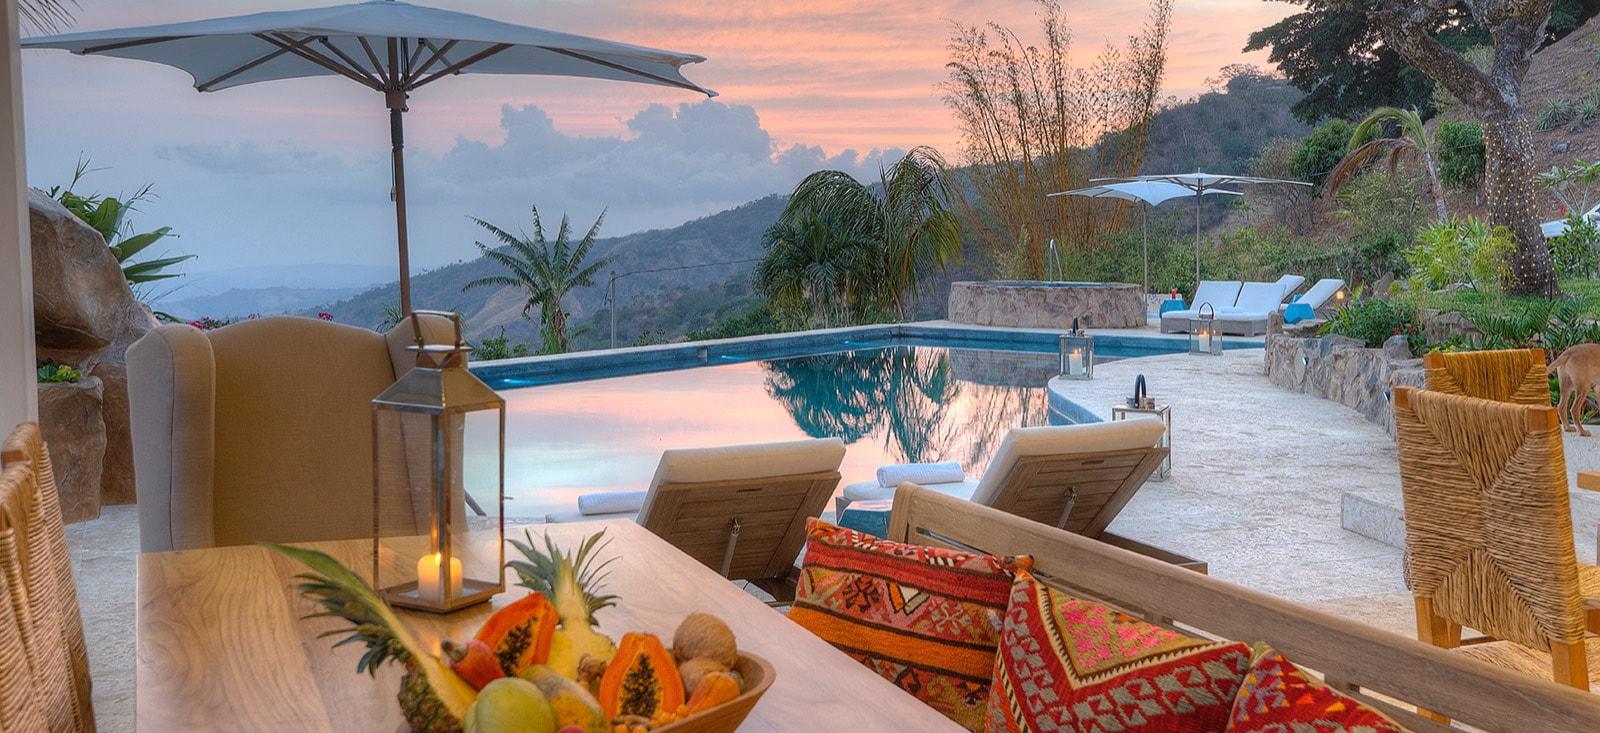 sunset-from-the-restaurant_11_orig.jpg